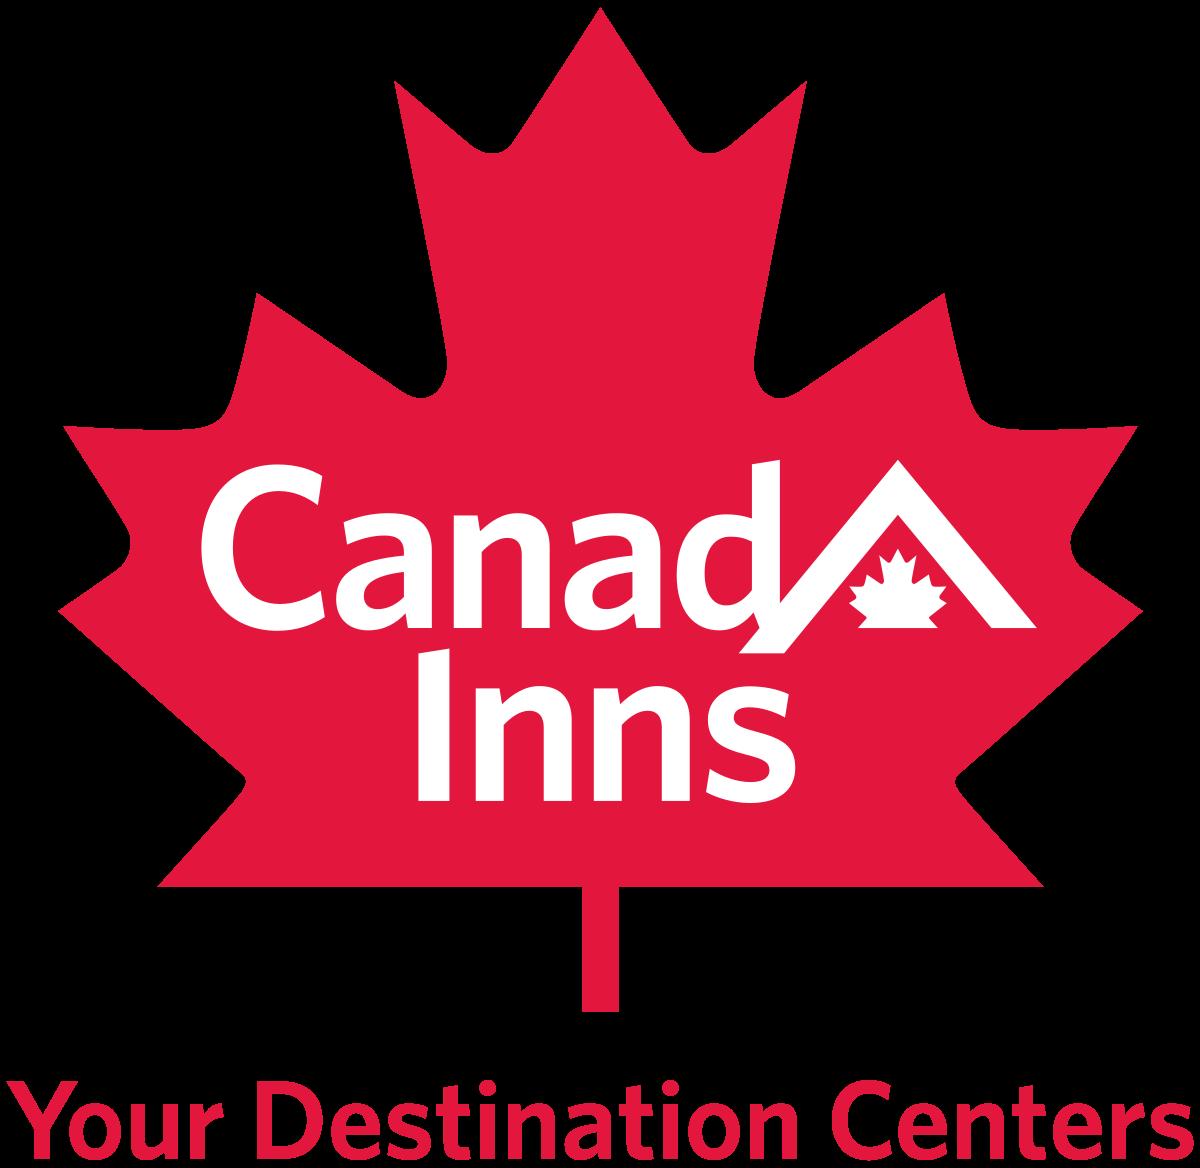 CanadaInns.png